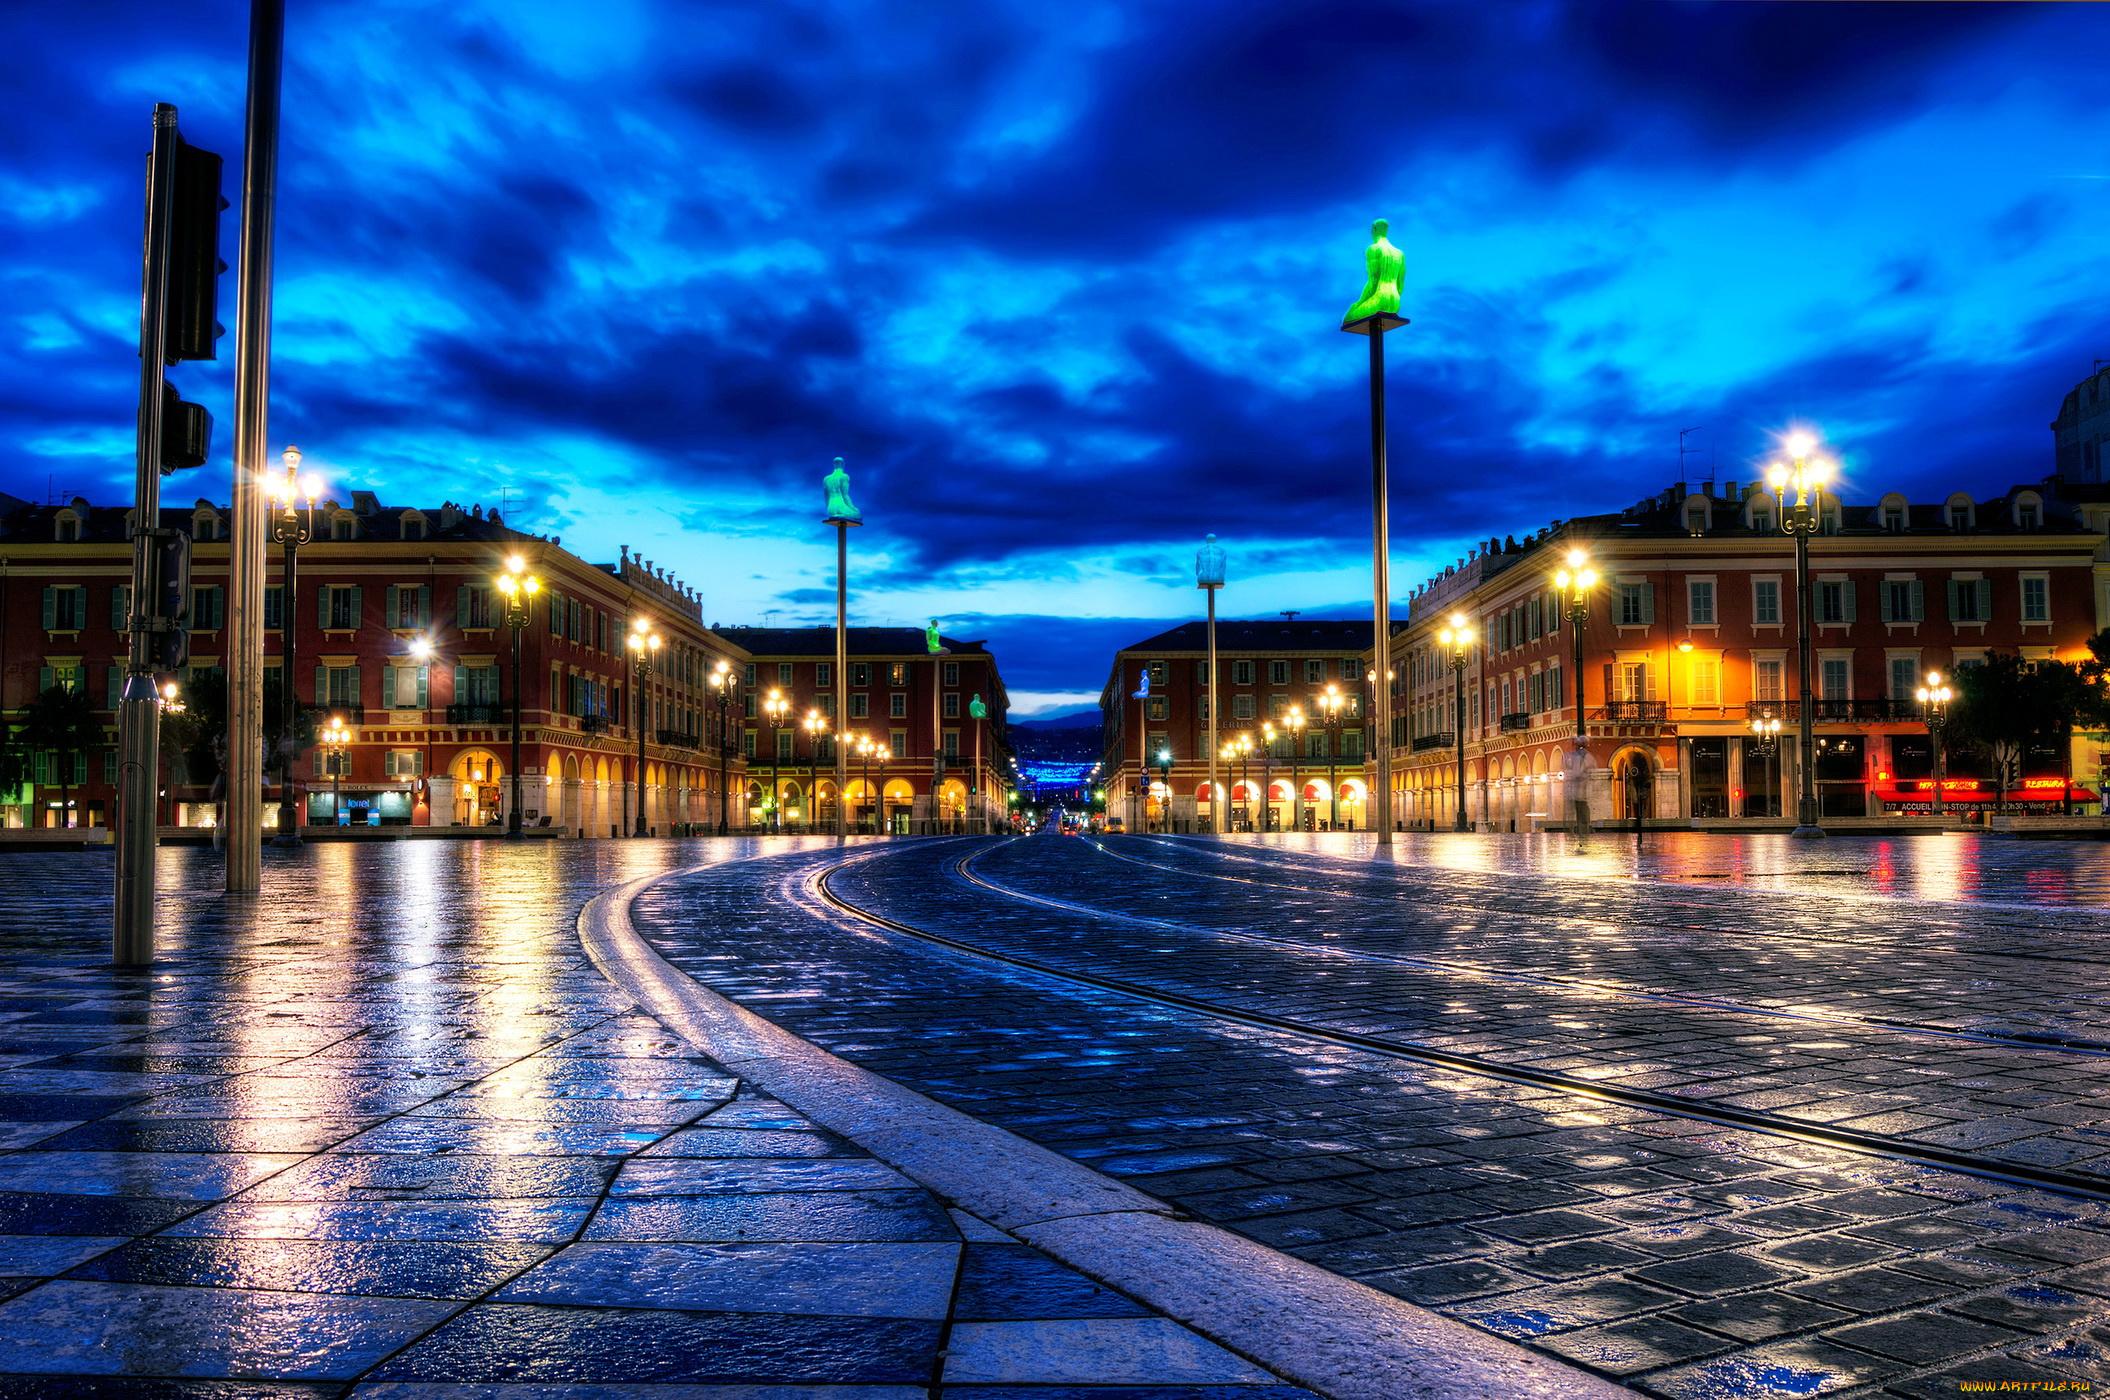 Франция дороги ночь фонари  № 2229237 загрузить